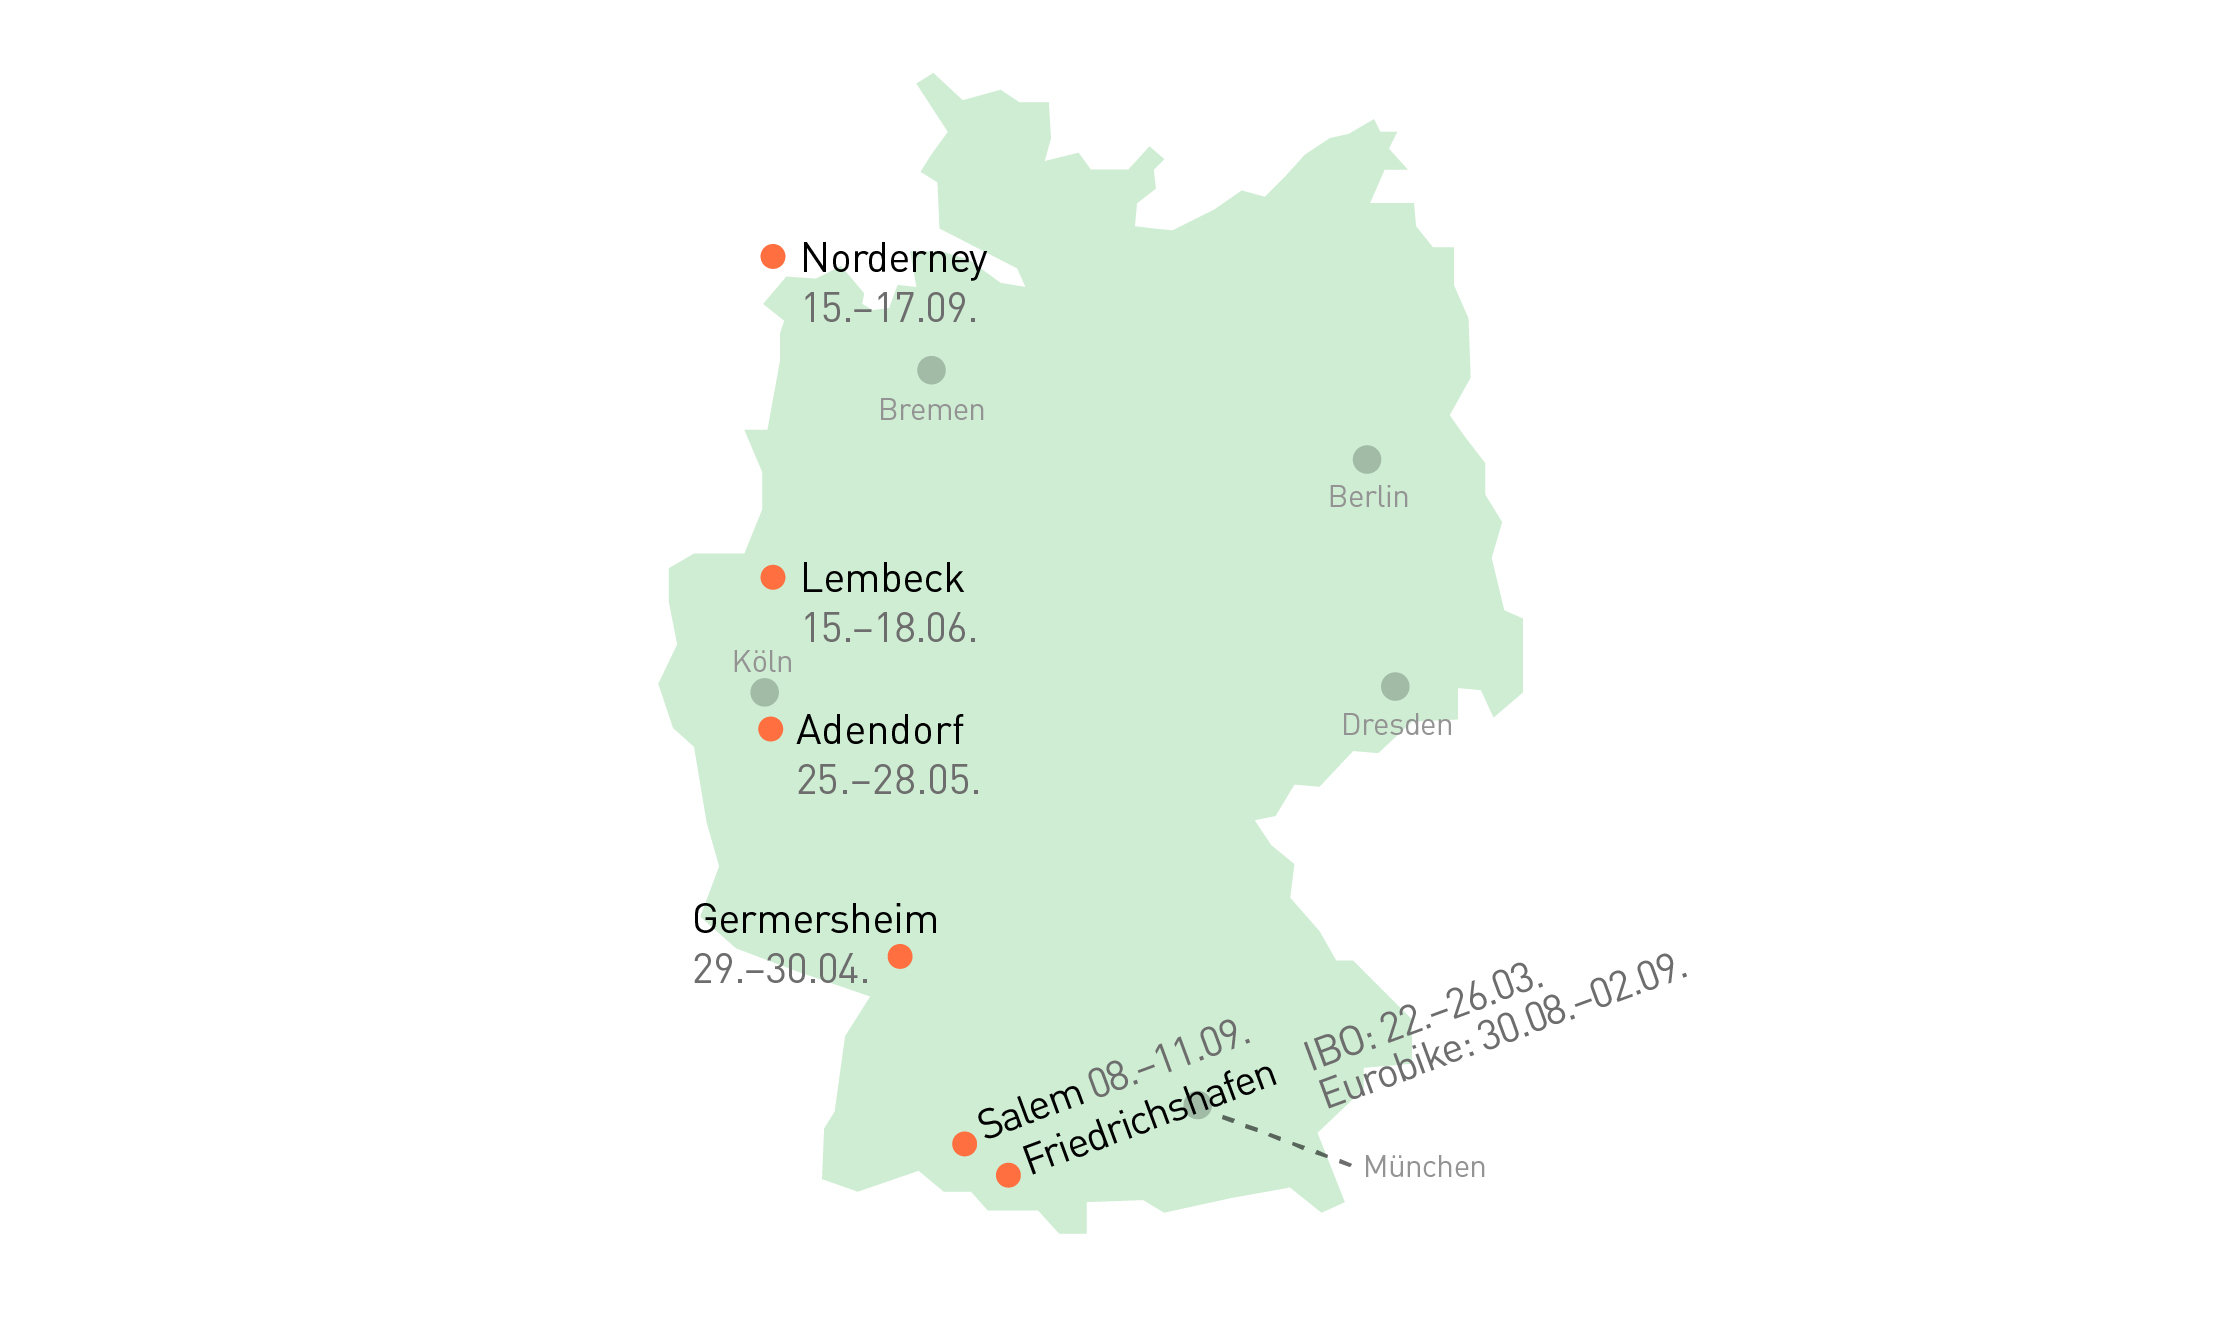 bernds_messen_2017_karte-02 Kopie